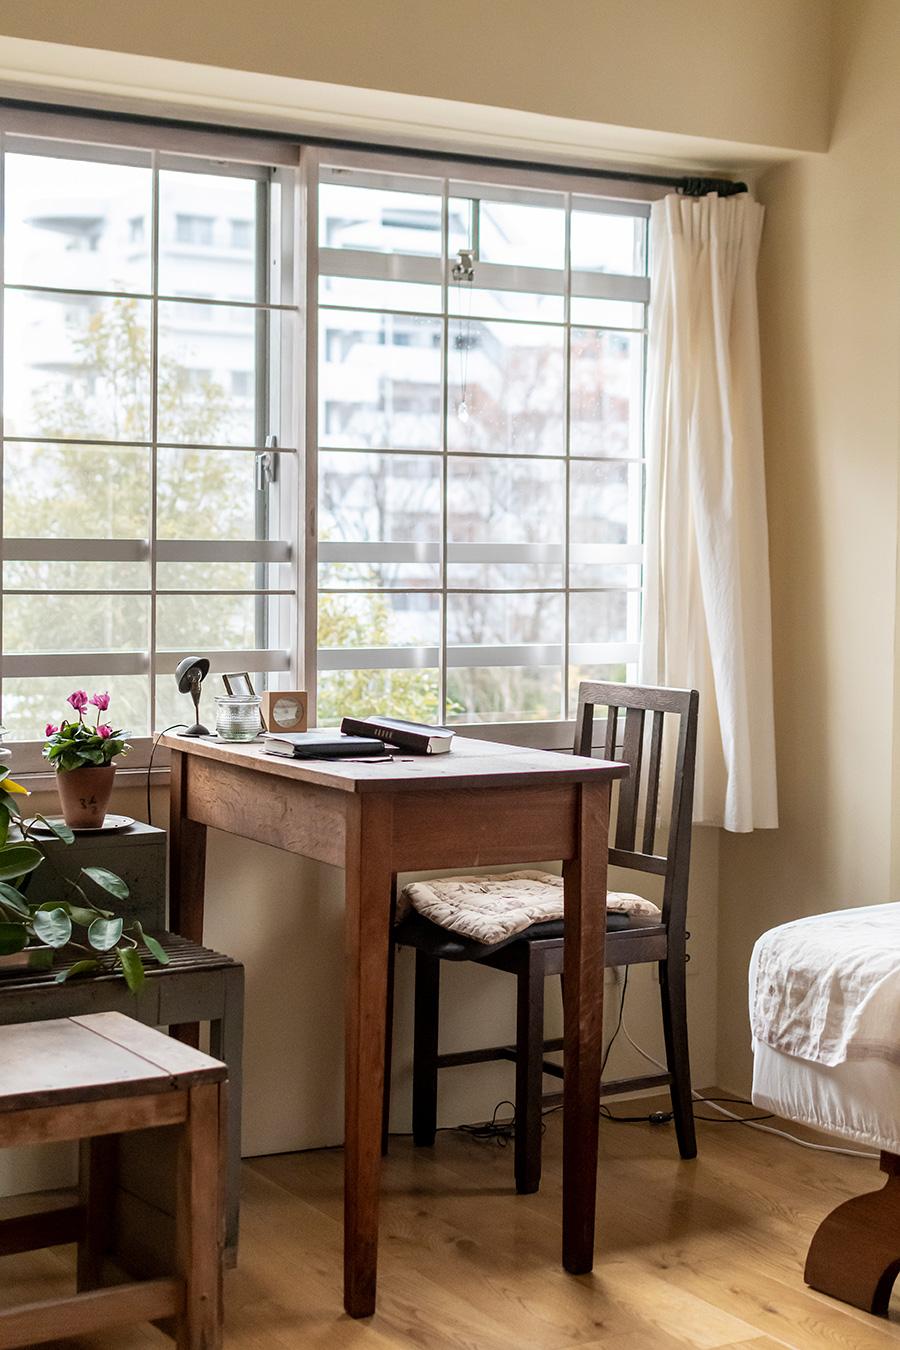 和室にあった障子の枠をDIYで白くペイントした窓枠。